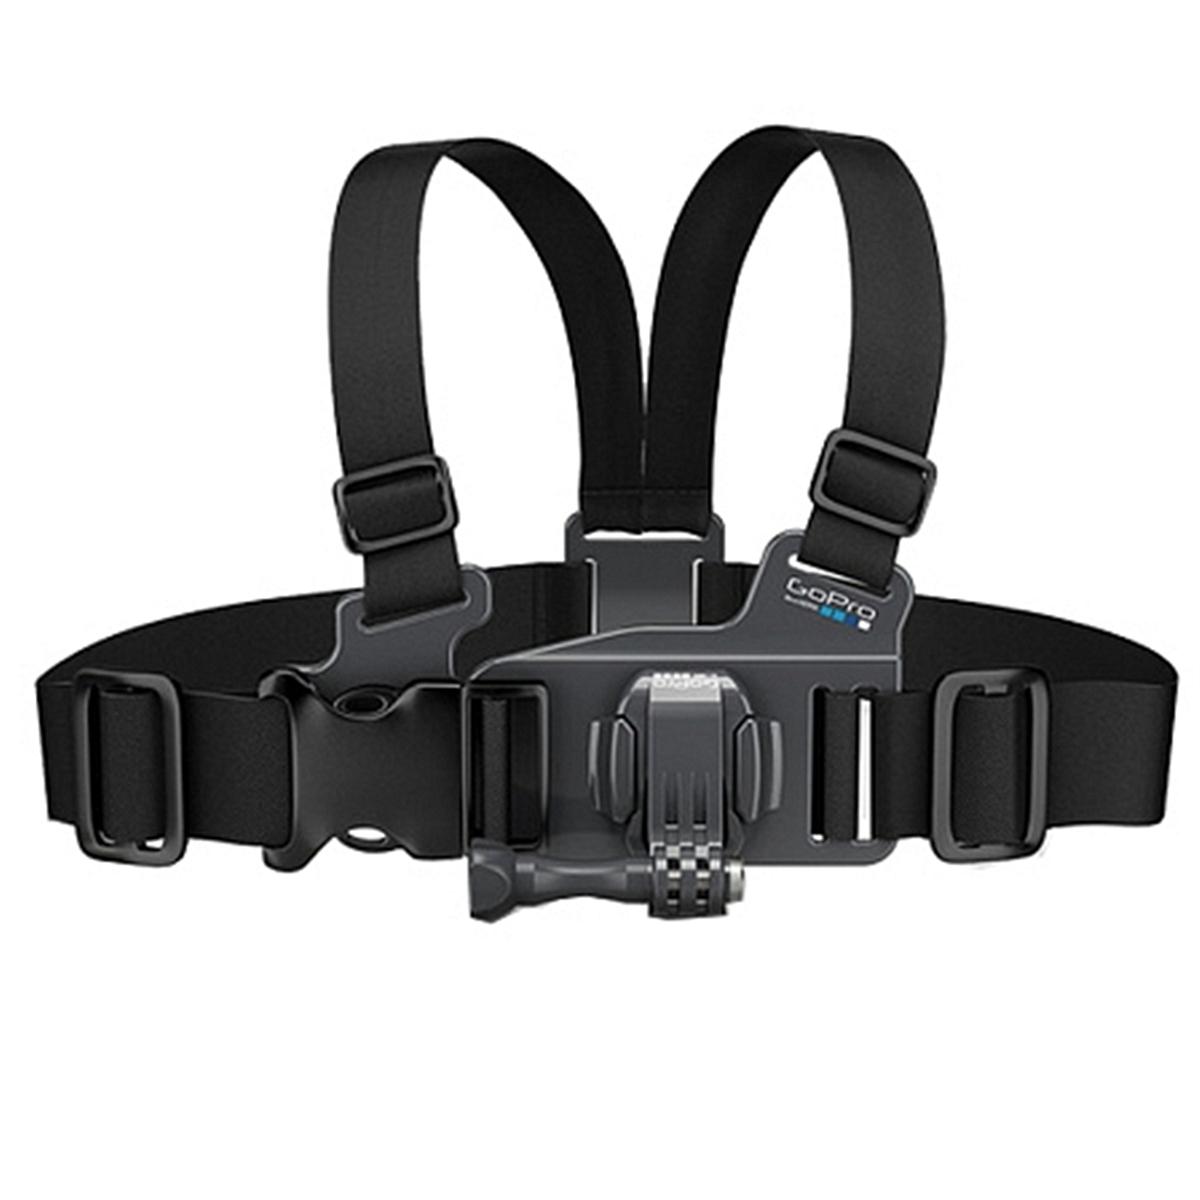 GOPRO GCHM30-001 胸部固定肩带相机包 260克 (单位:个) 黑色